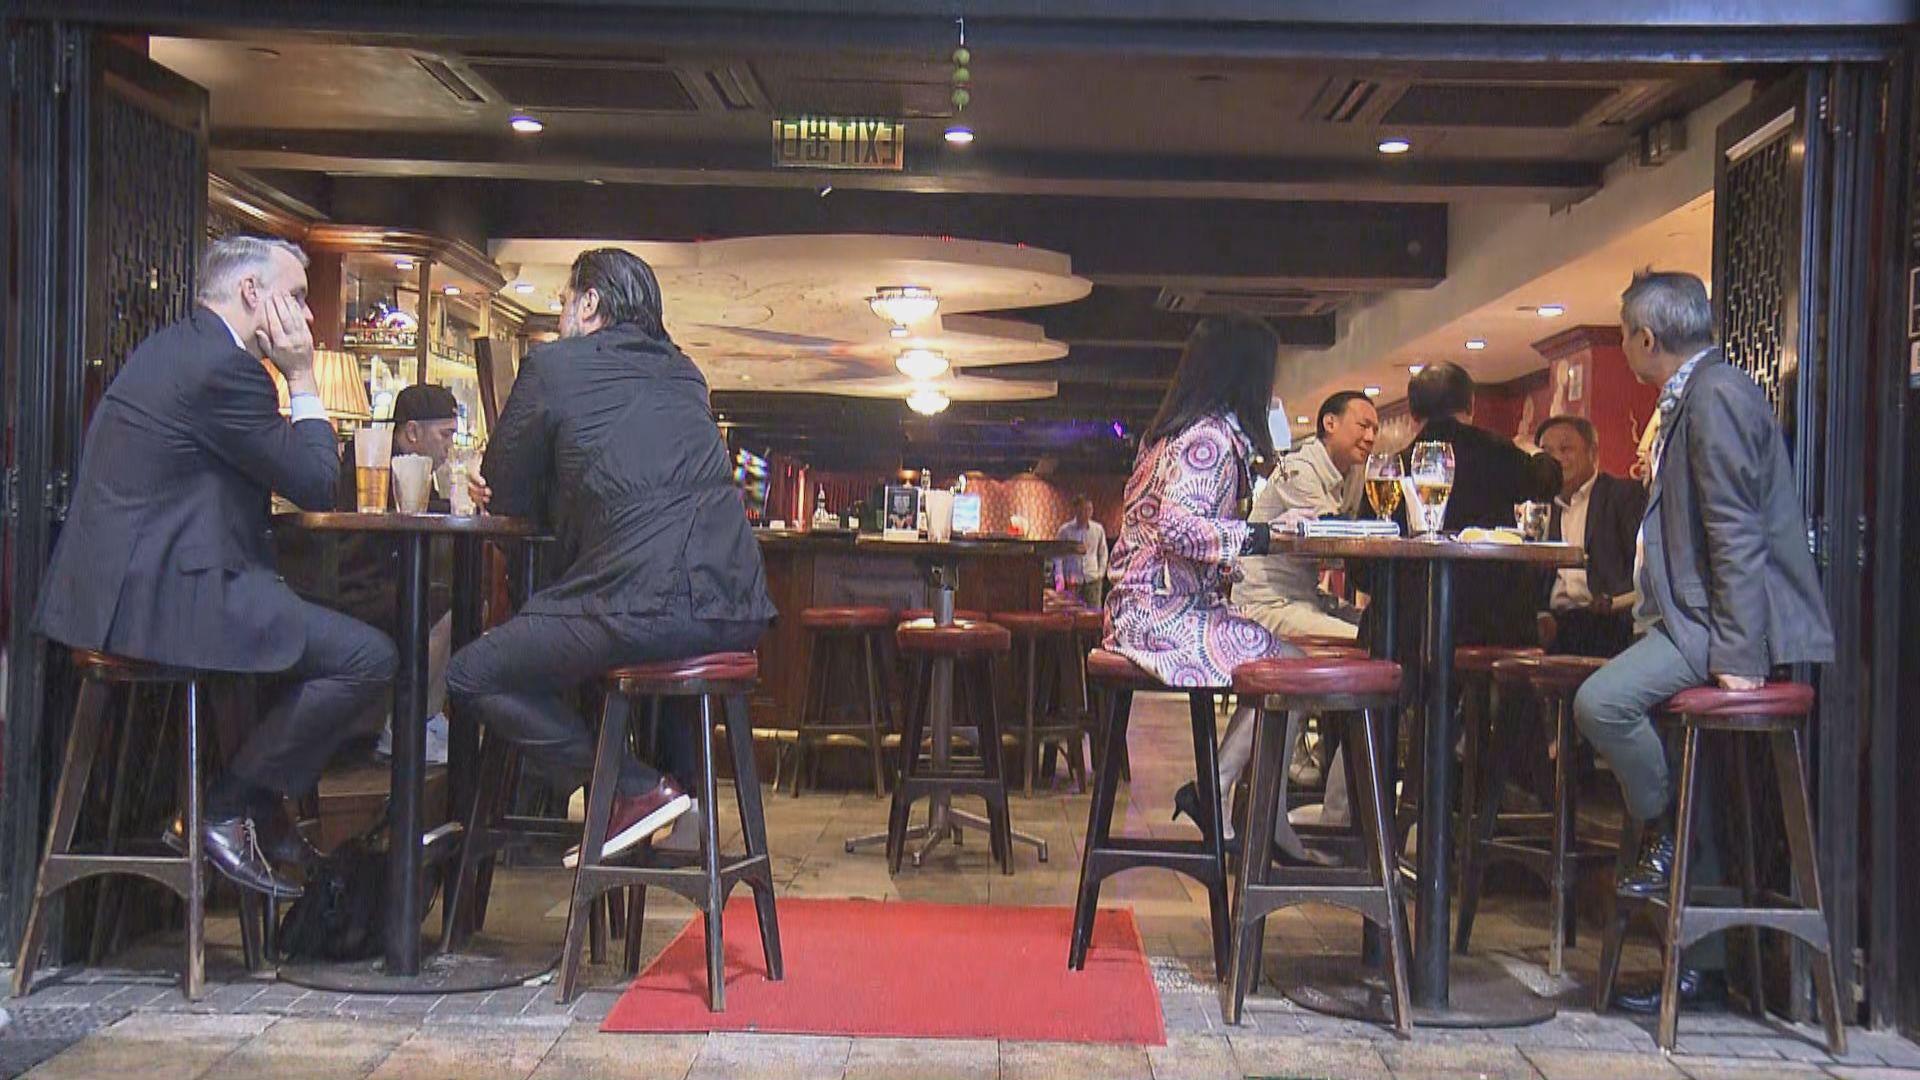 蘭桂坊酒吧如常營業 未見有餐廳為食客量度體溫